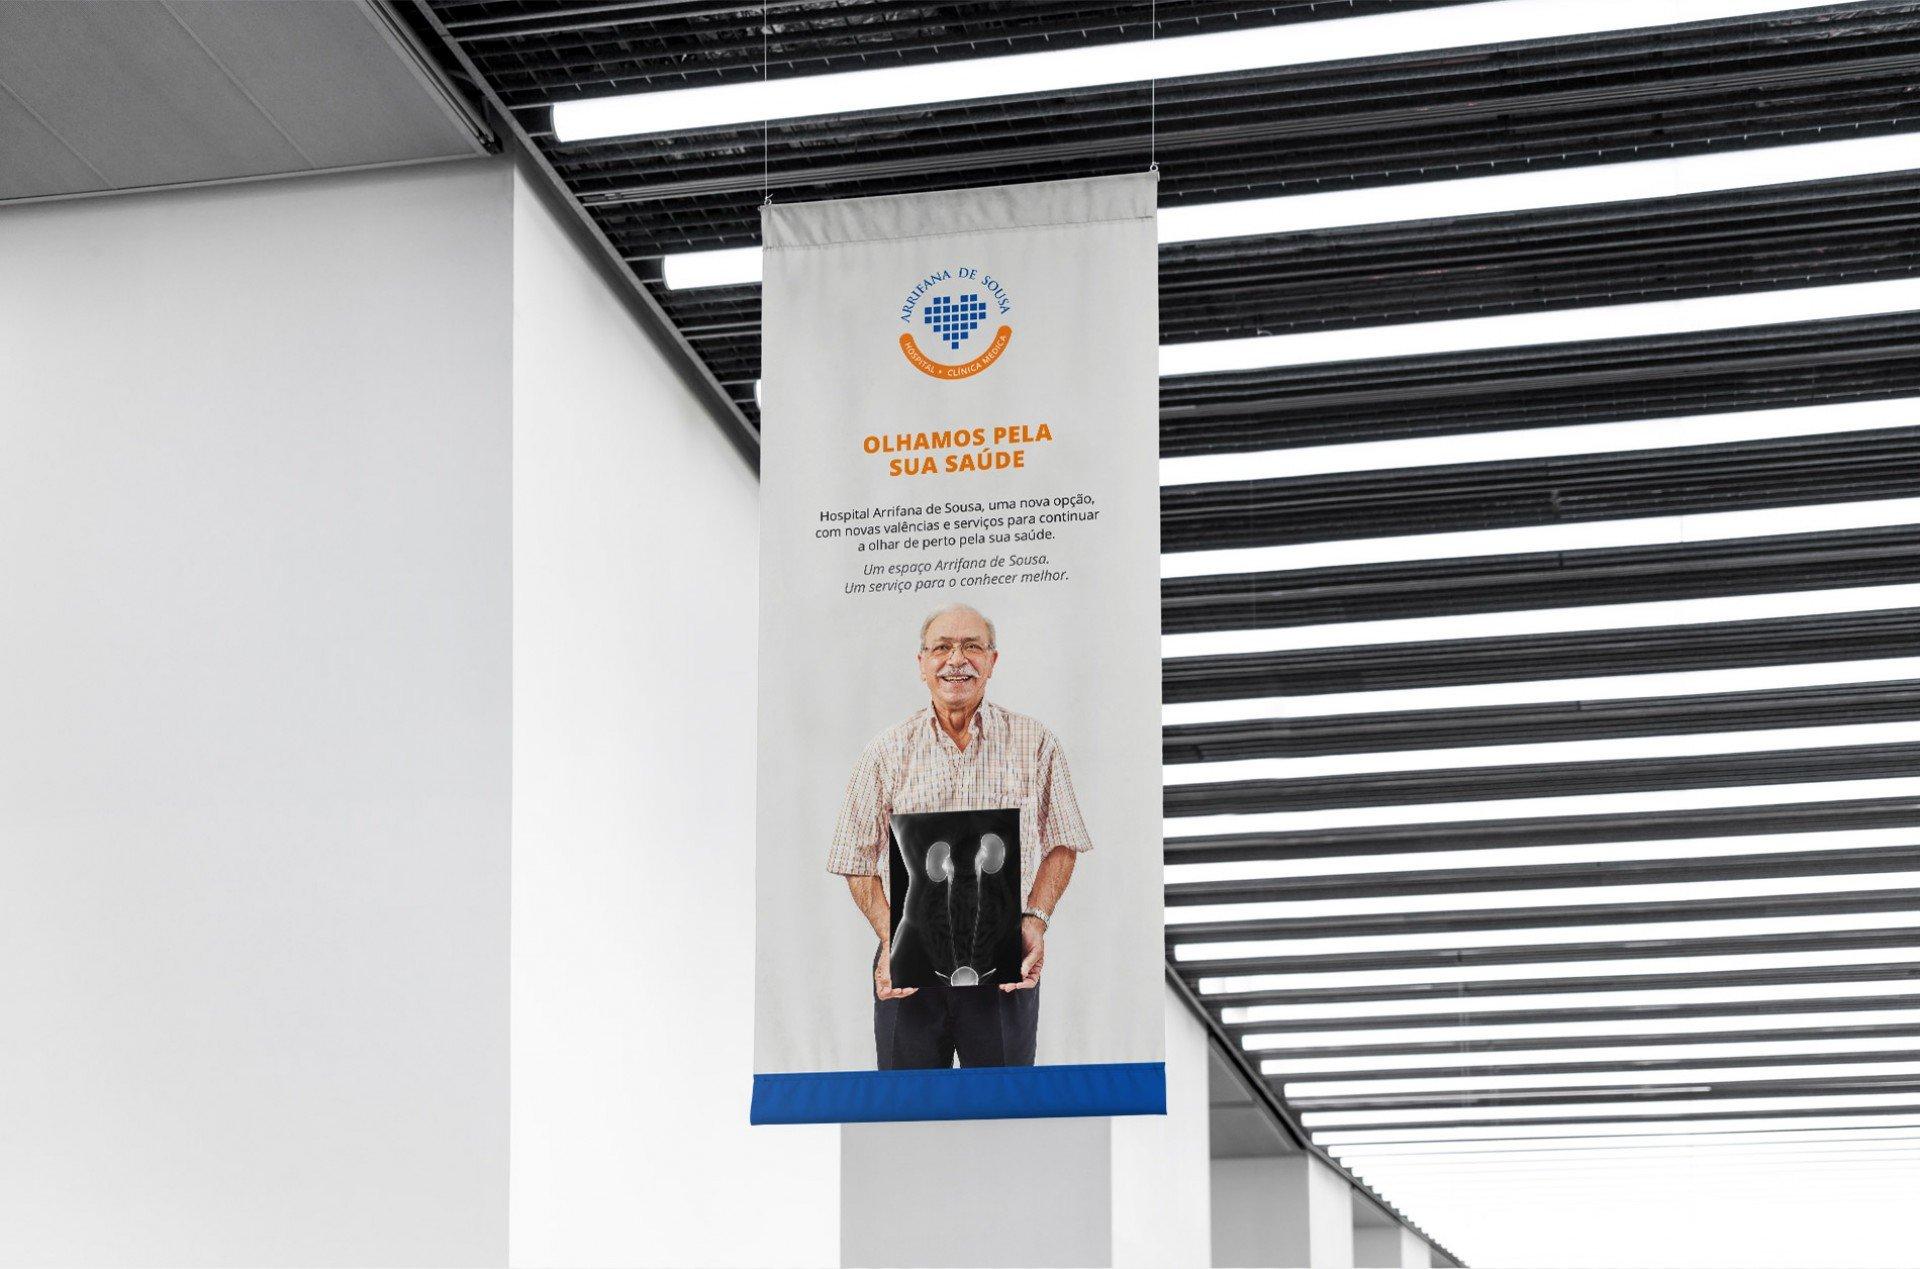 cartaz campanha hospital arrifana de sousa